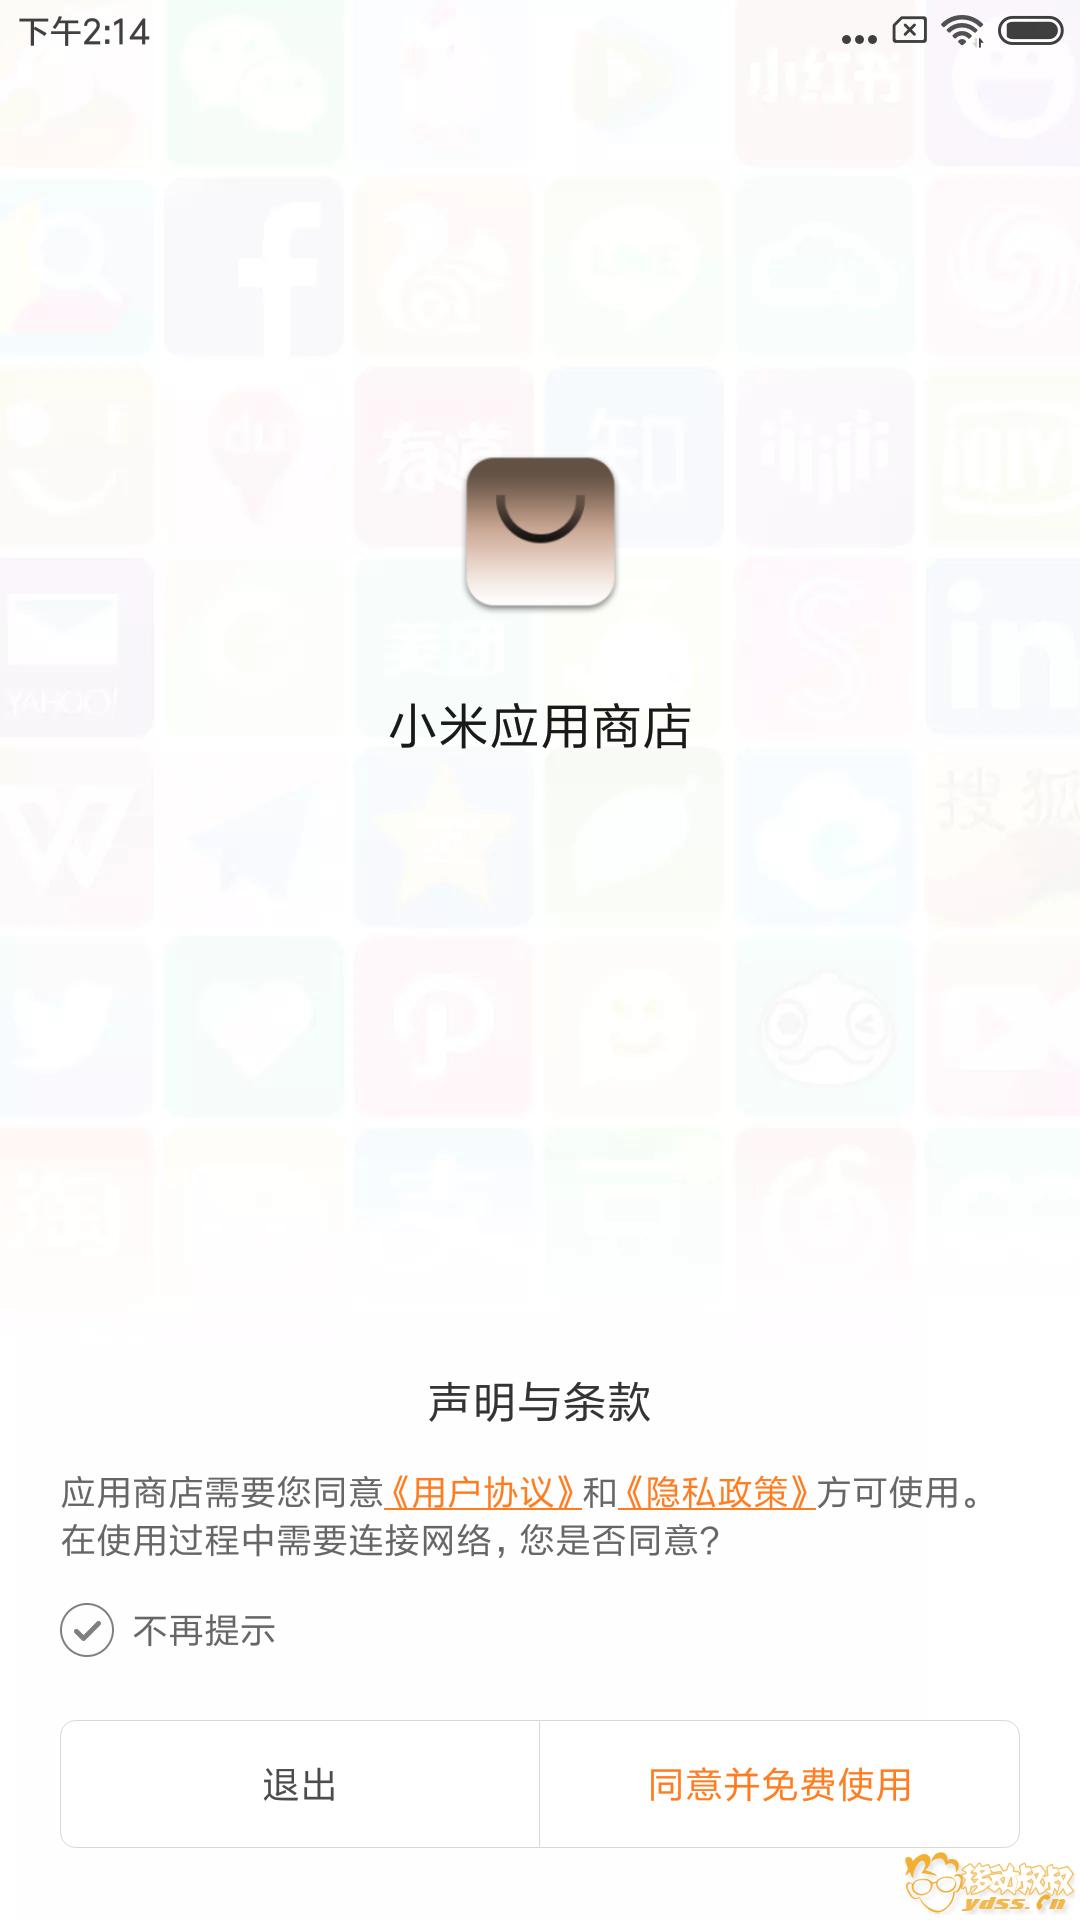 Screenshot_2018-11-07-14-14-05-327_com.xiaomi.market.png